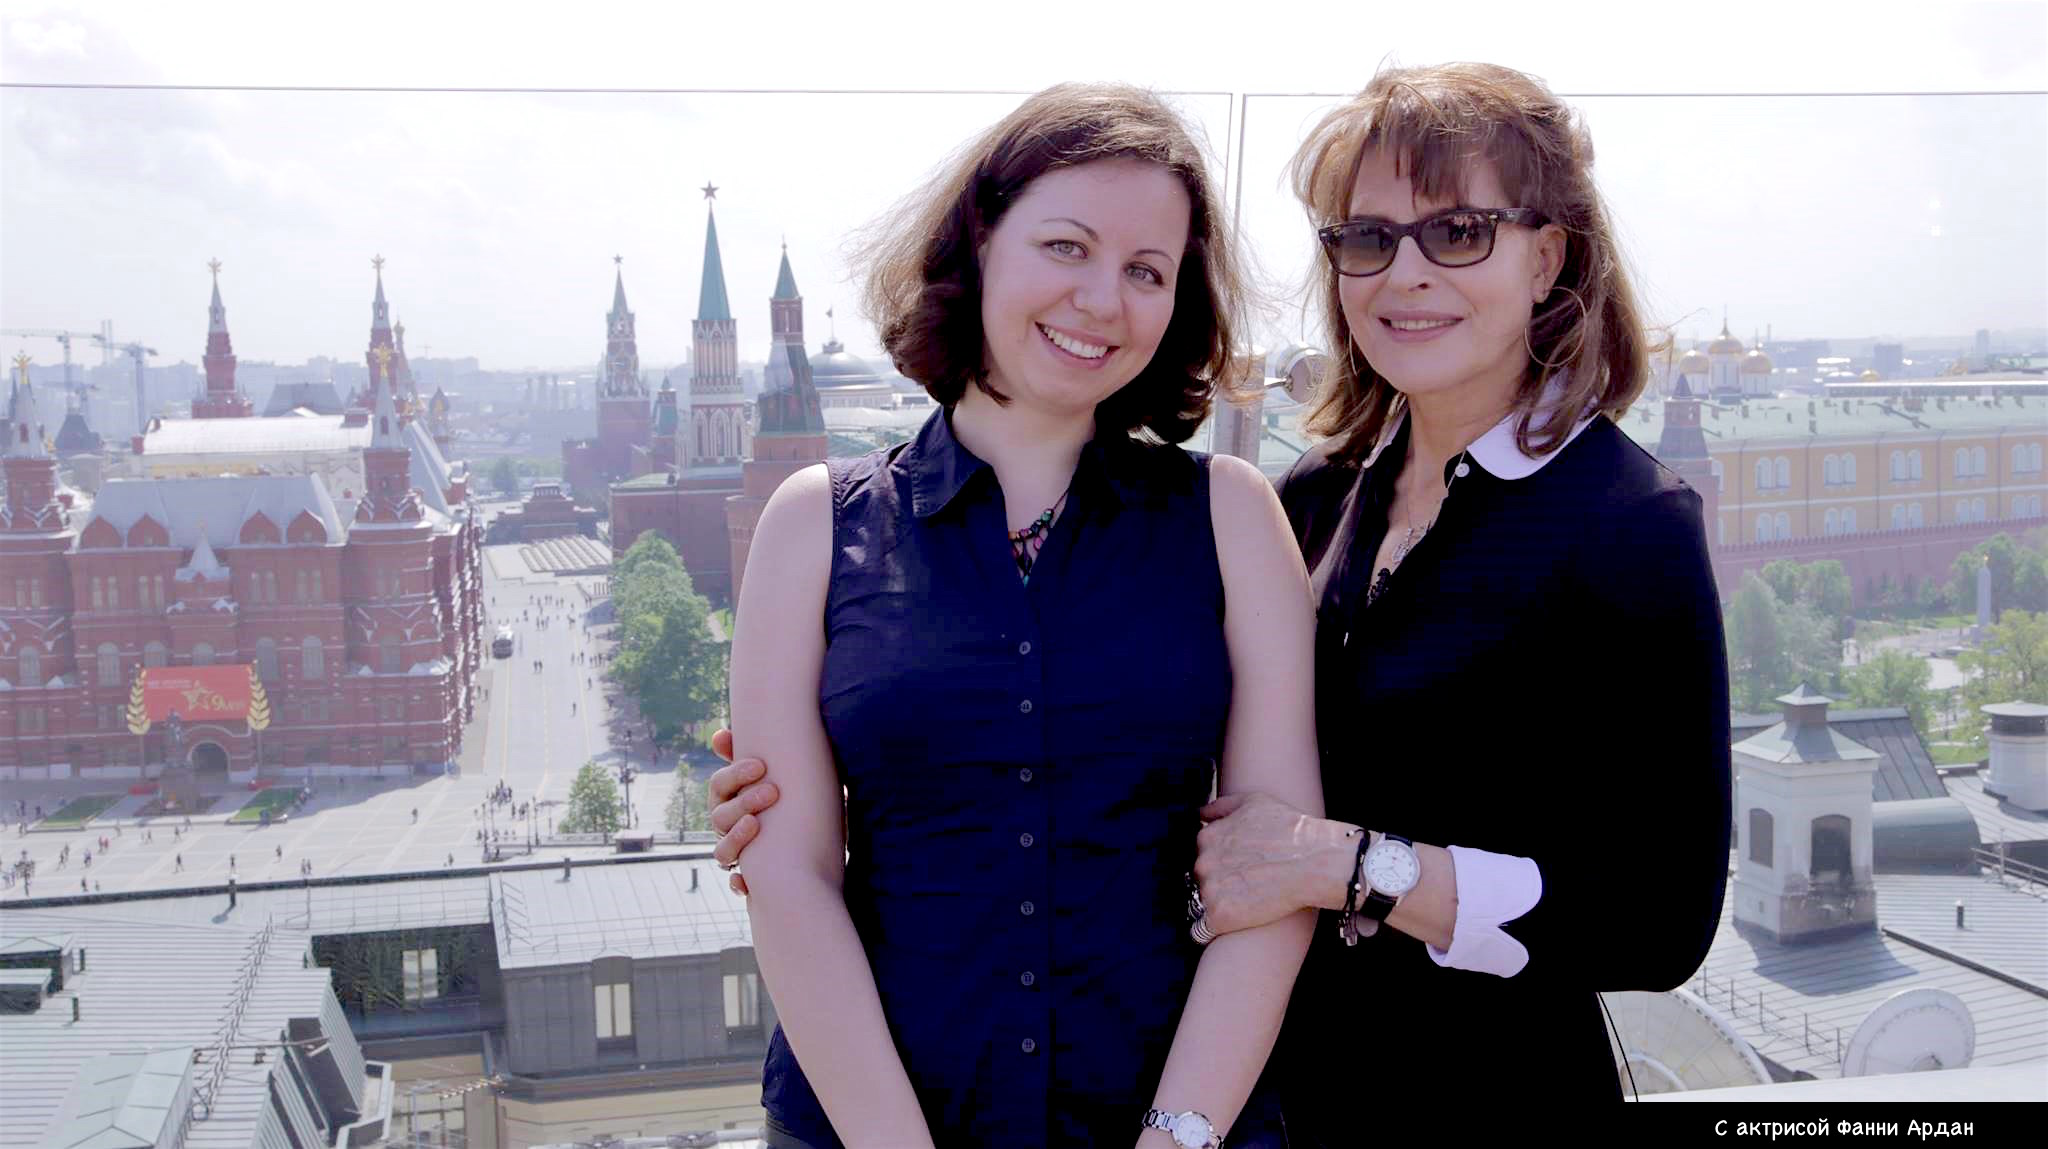 Елена Васильева-Ефремова и Фанни Ардан